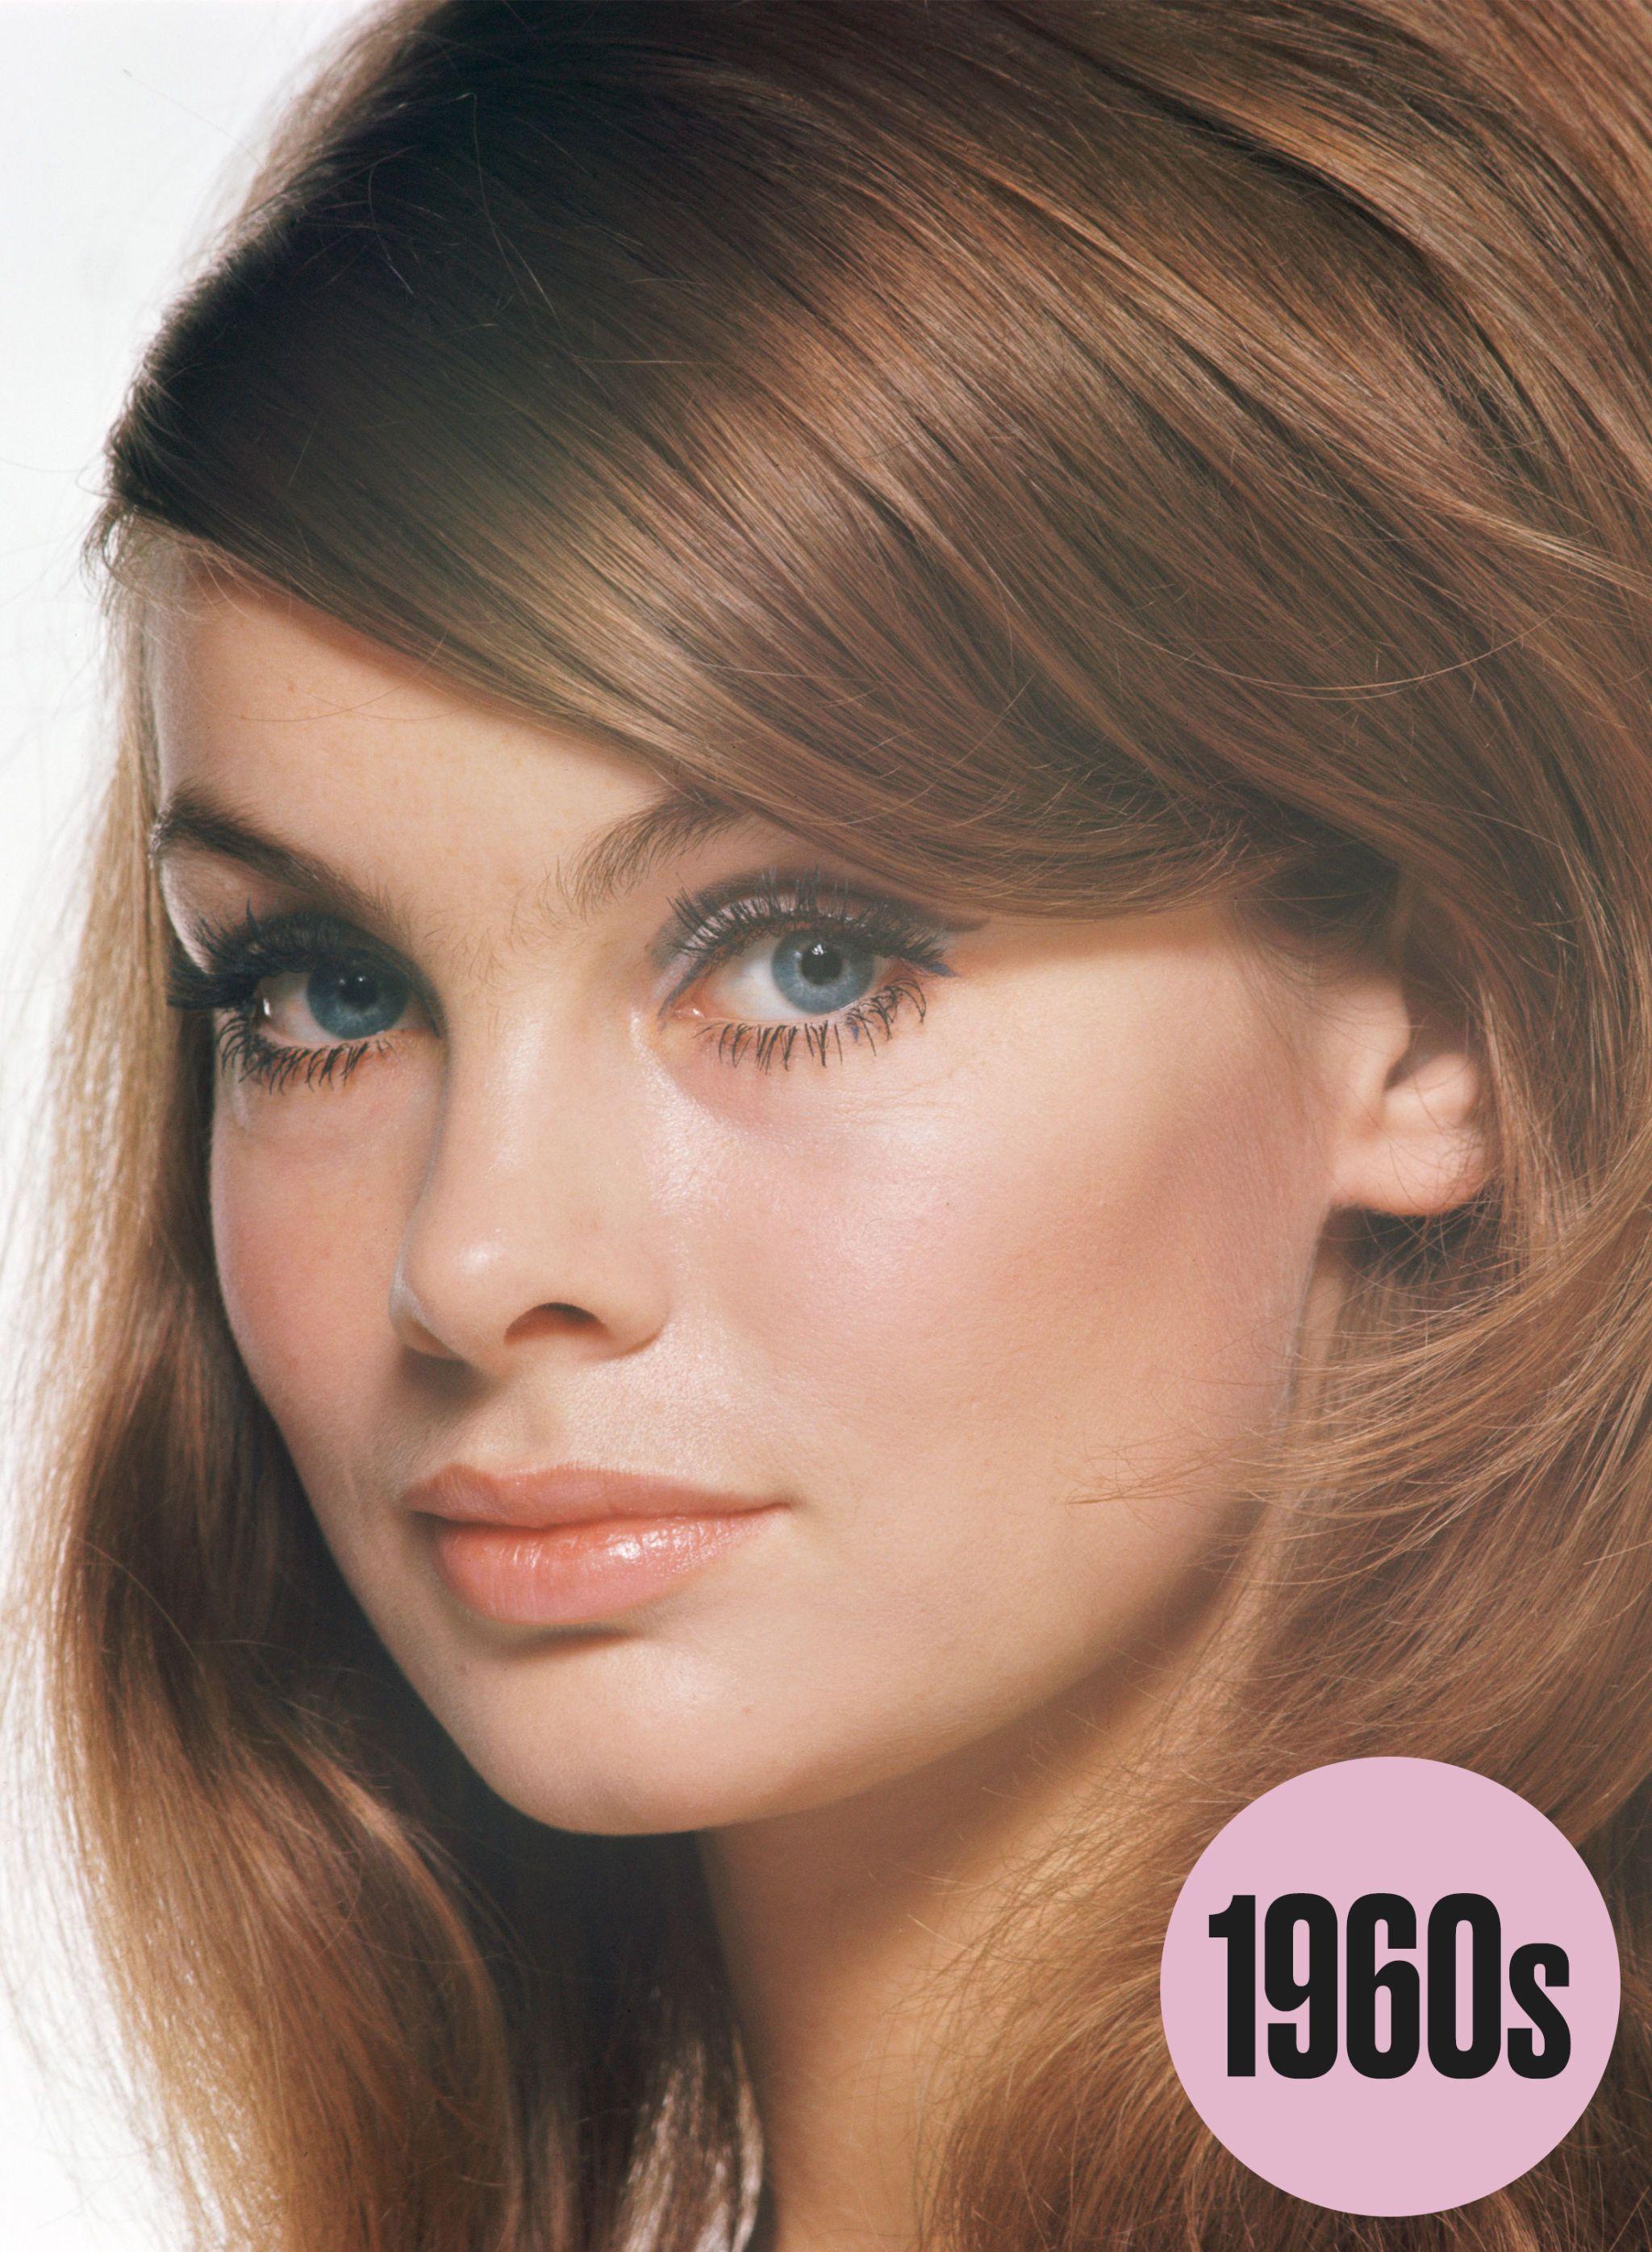 60s makeup trends